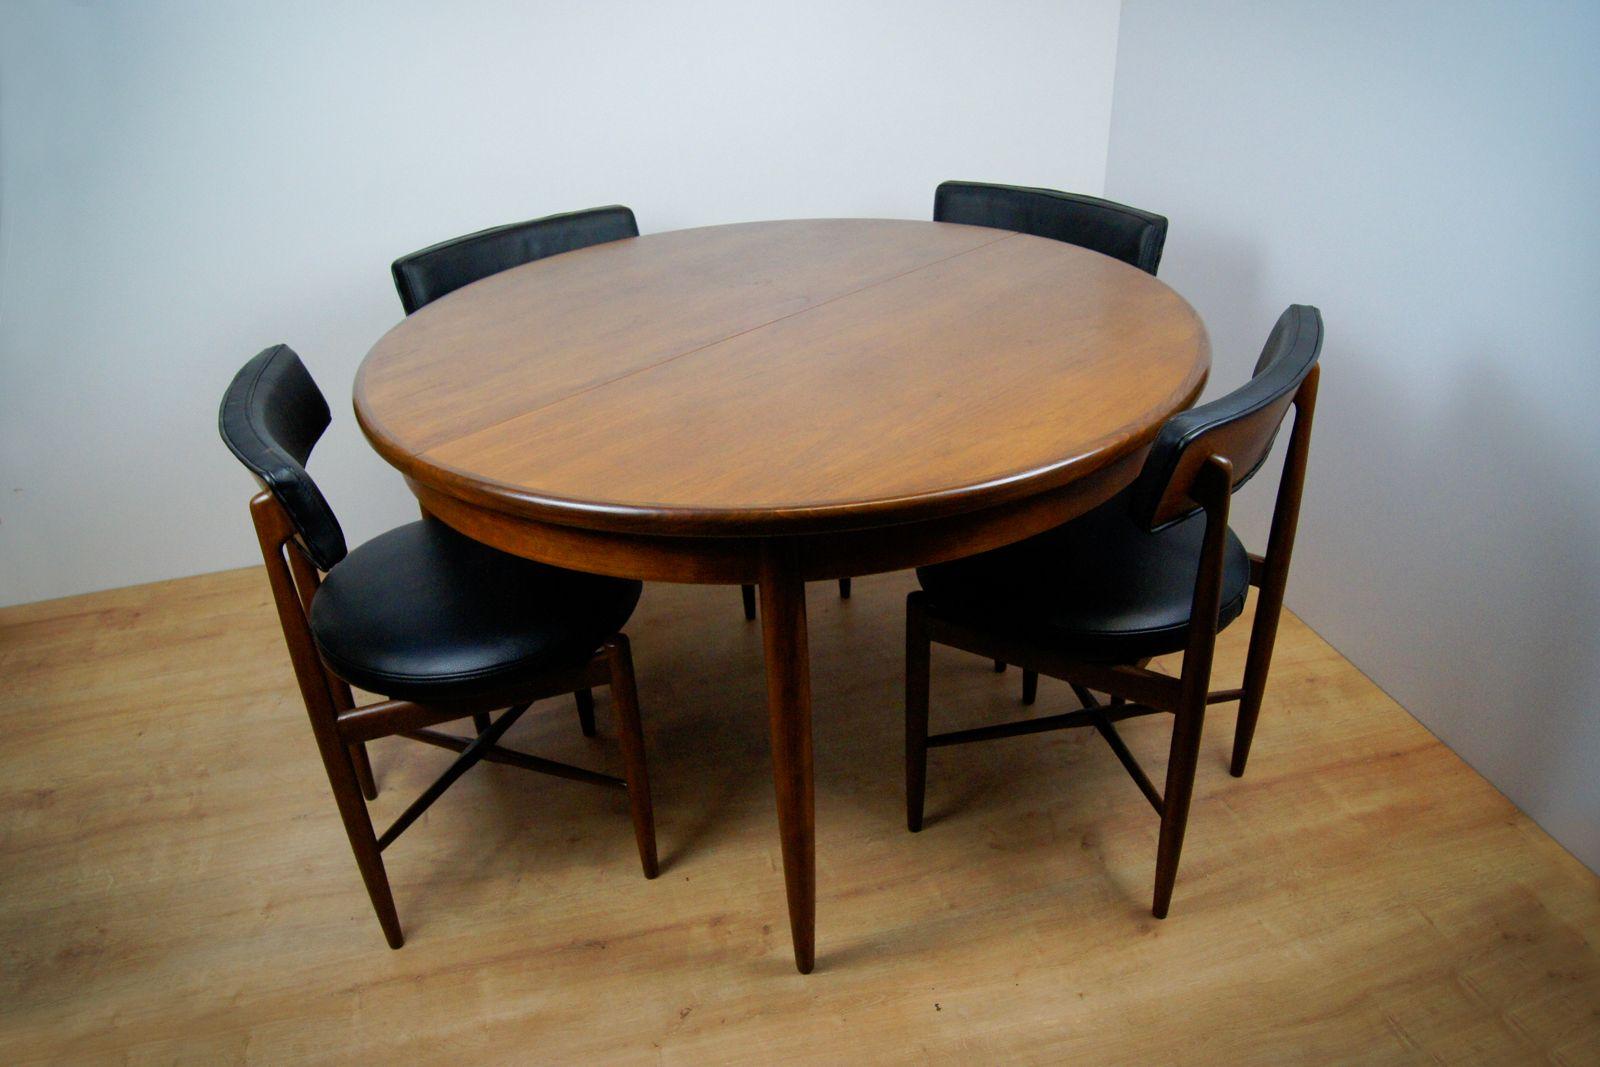 esstisch und 4 st hle von ib kofod larsen f r g plan. Black Bedroom Furniture Sets. Home Design Ideas